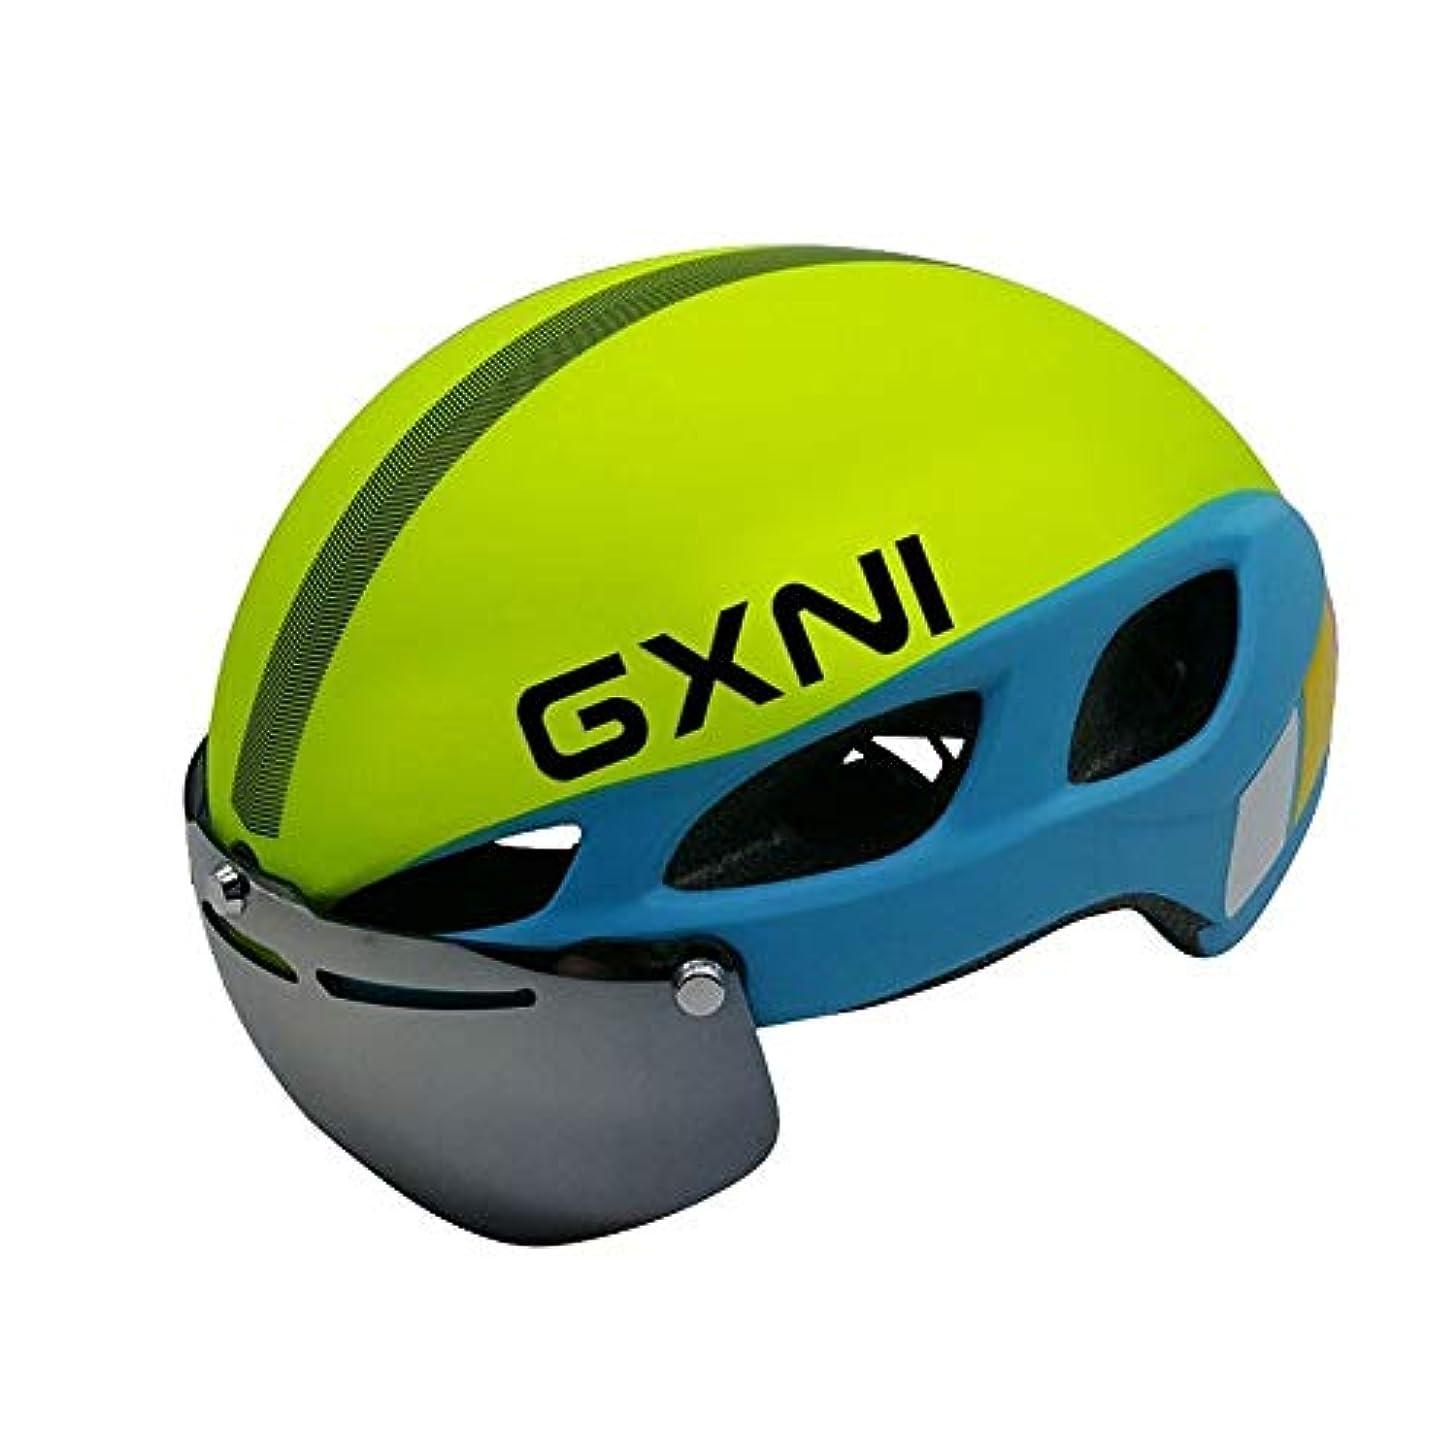 ローラー論争セミナーCXUNKK 自転車ヘルメットロードマウンテンバイク乗馬ヘルメット一体成形磁気ゴーグルクロノグラフ空気圧ヘルメット